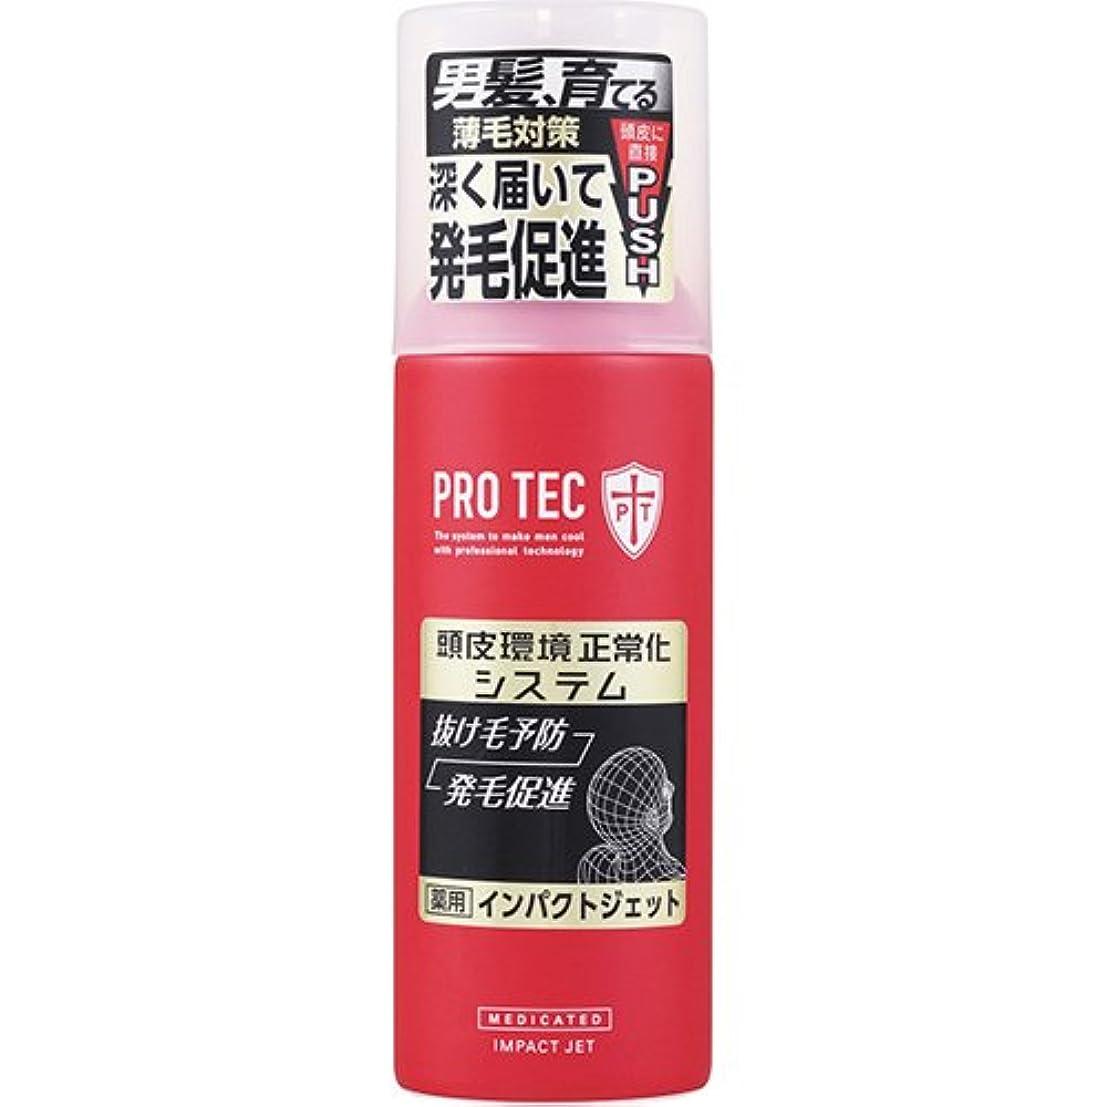 心配日没未亡人PRO TEC インパクトジェット 150g